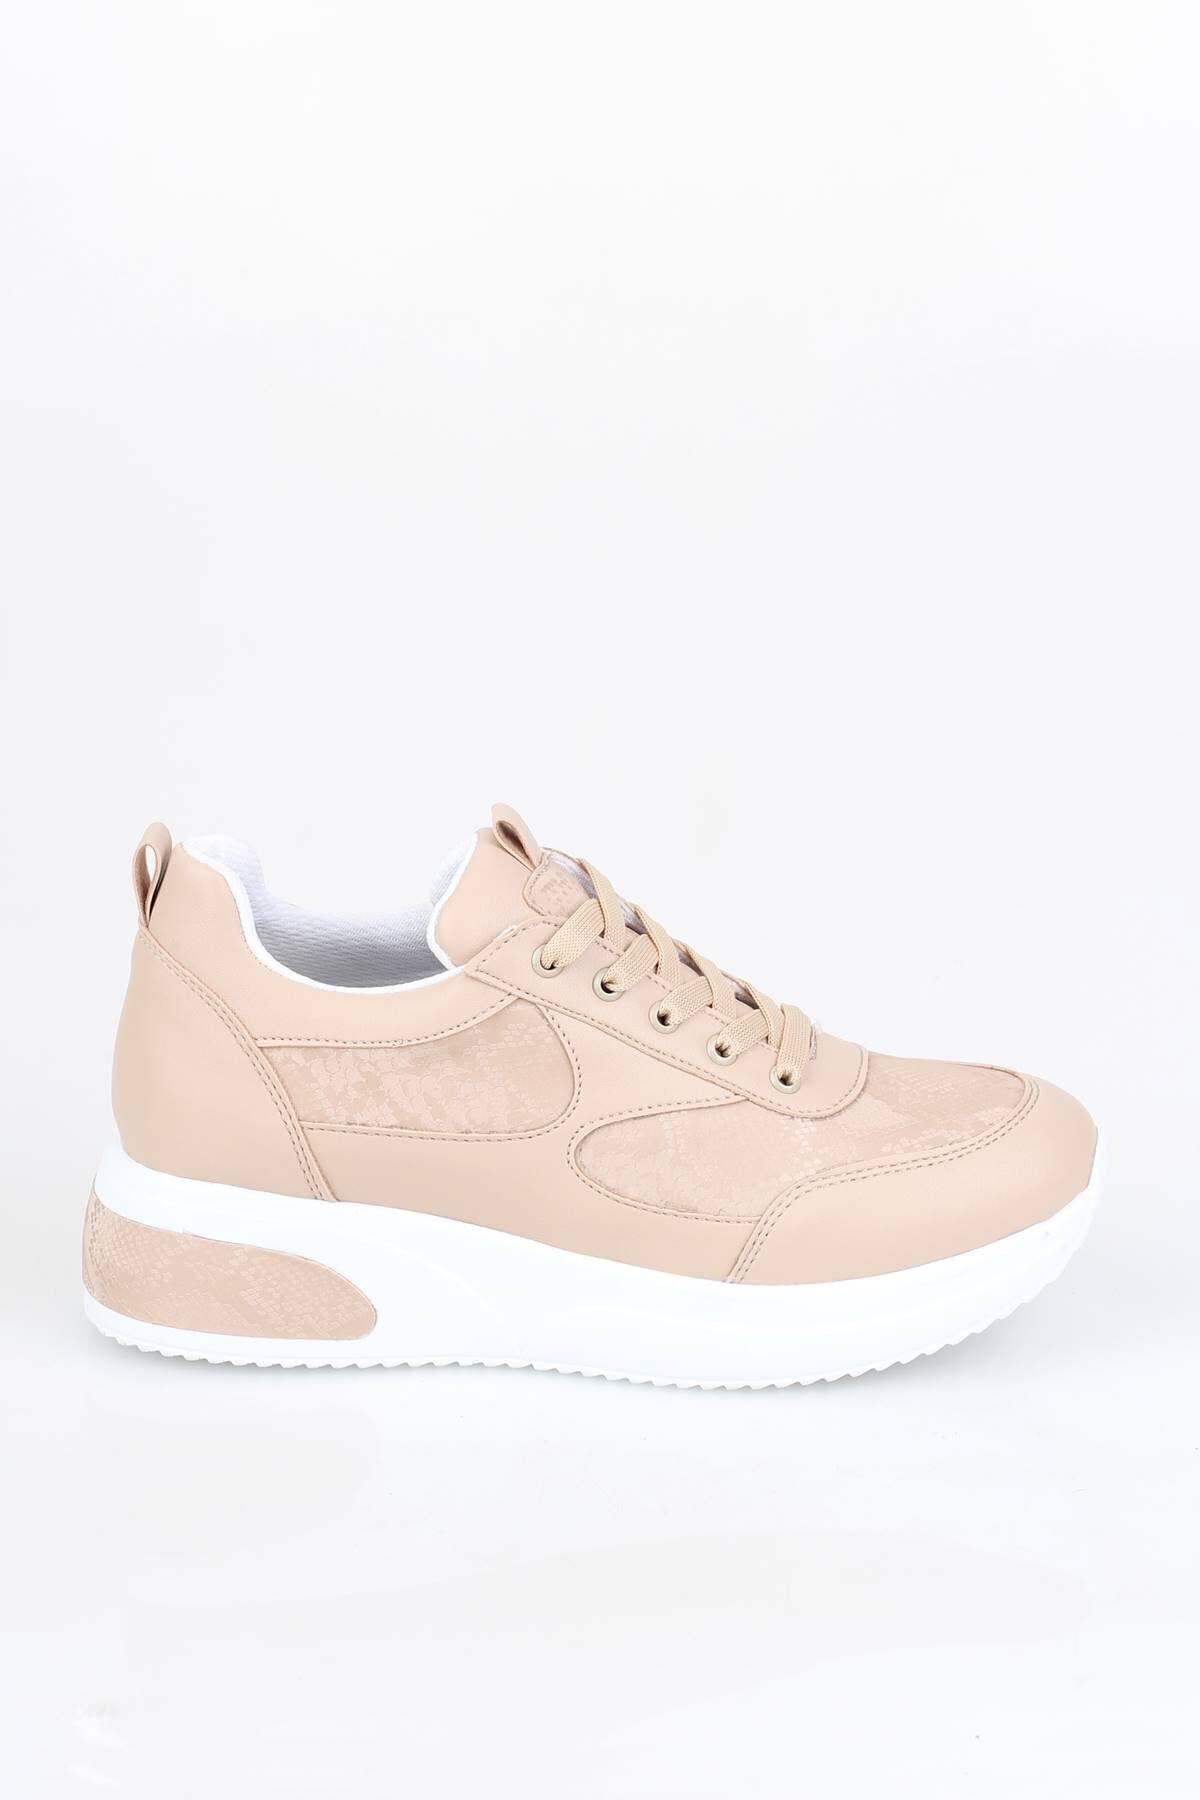 Modabuymus Kadın Spor Dolgu Topuklu Ayakkabı 1